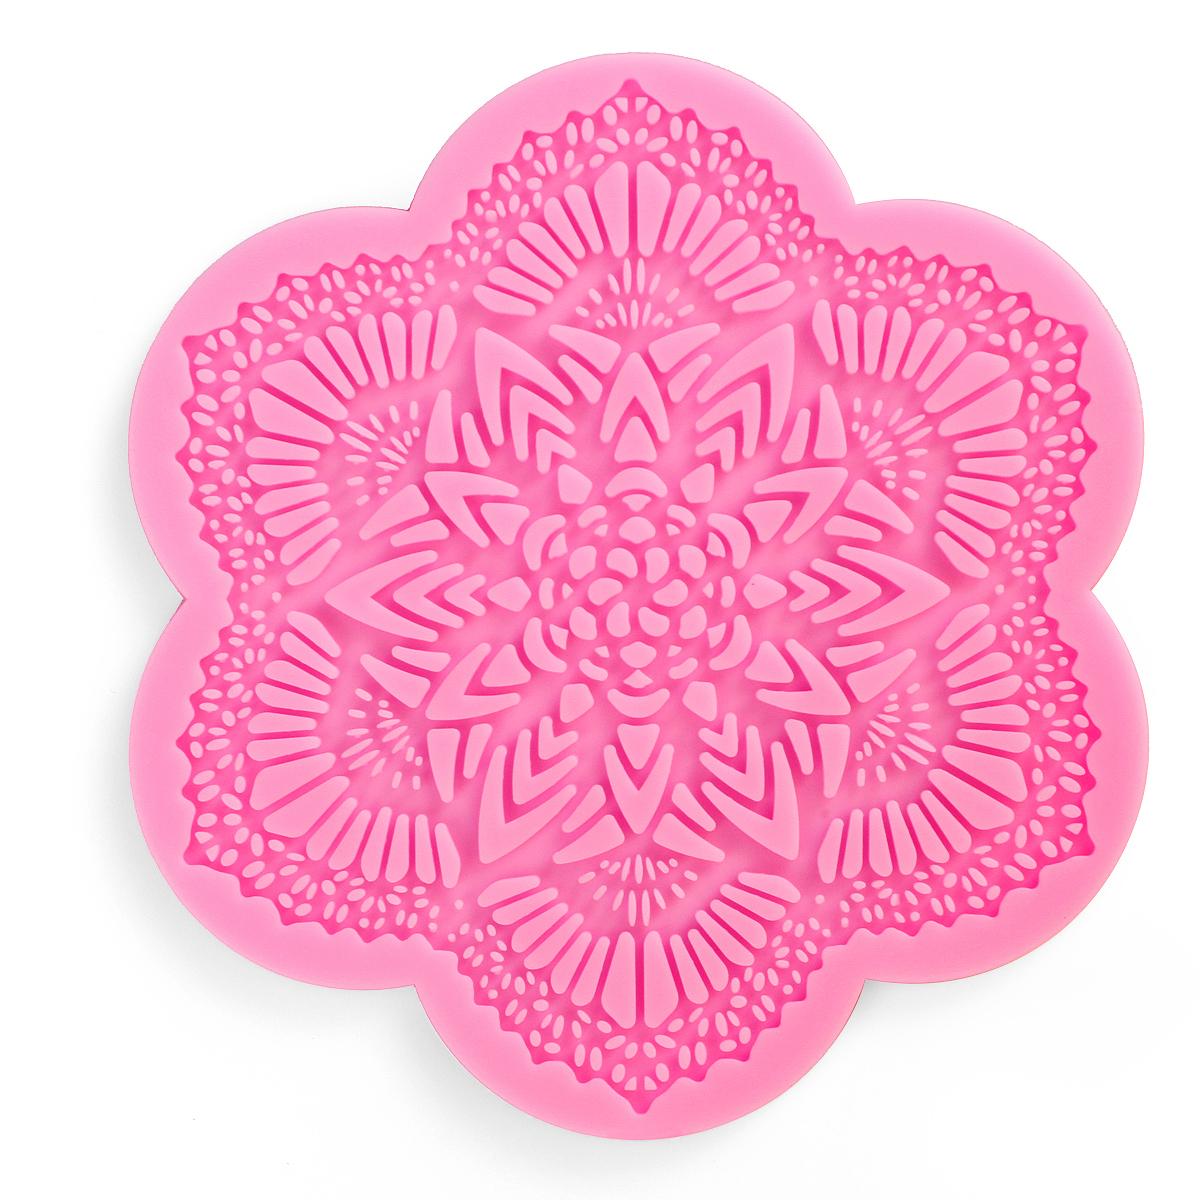 Cake Decorating Lace Molds Uk : DIY Lace Silicone Mold Mould Sugar Craft Fondant Mat Cake ...